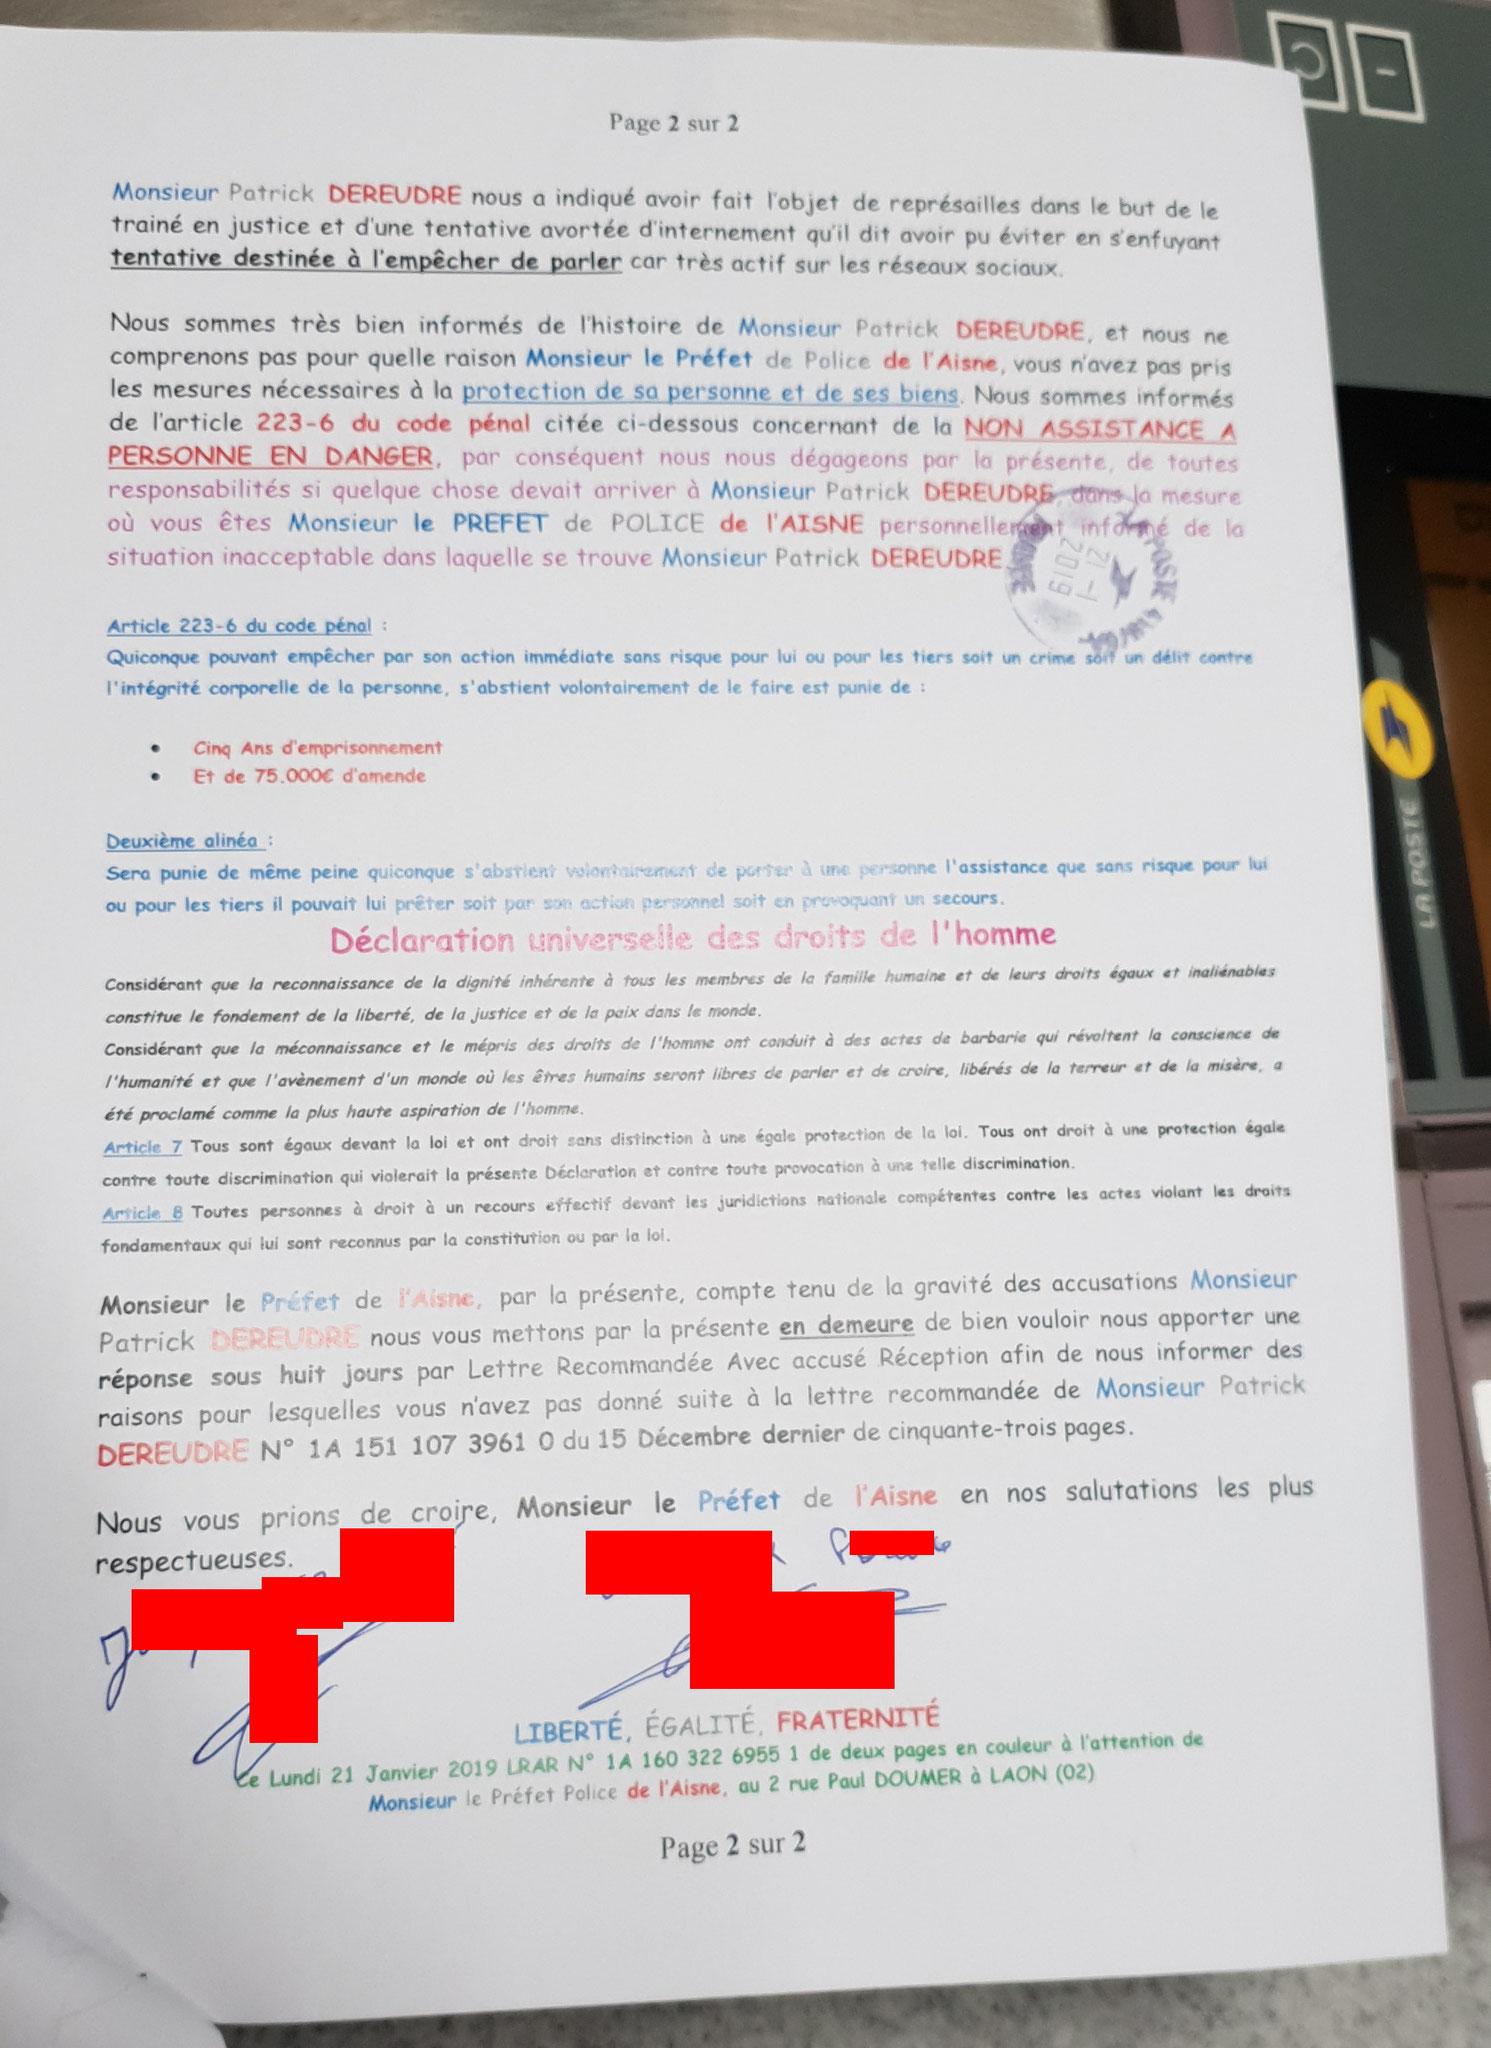 La lettre recommandée adressée par mon comité de Soutien  au Préfet de l'Aisne Monsieur Nicolas BASSELIER du 15 Décembre 2015 N0 1A 160 322 6955 1de Deux pages en couleurs.